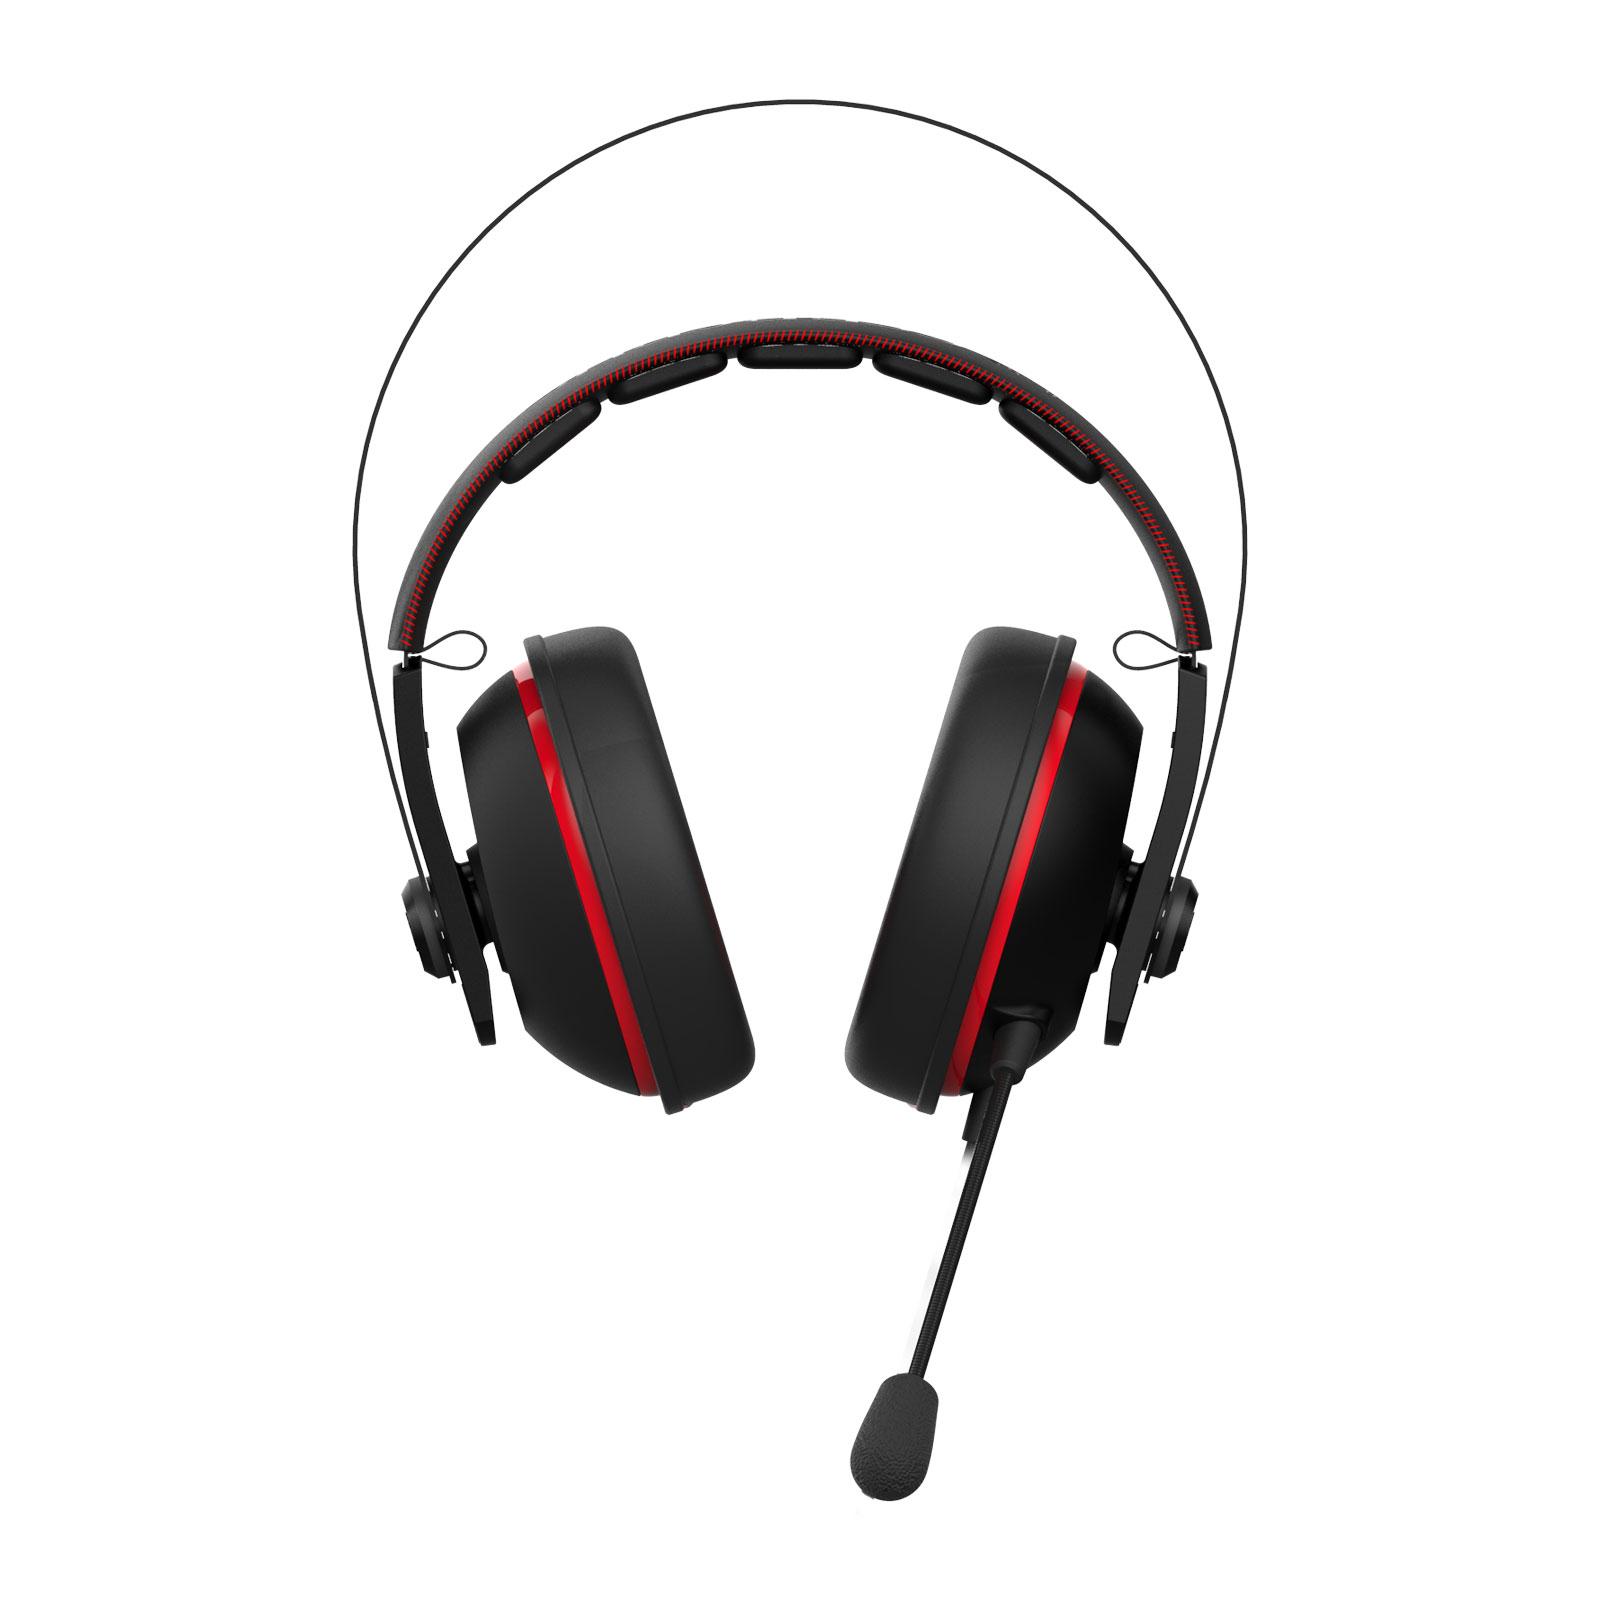 Asus Cerberus V2 Rouge Stereo Noir - Micro-casque - Cybertek.fr - 3